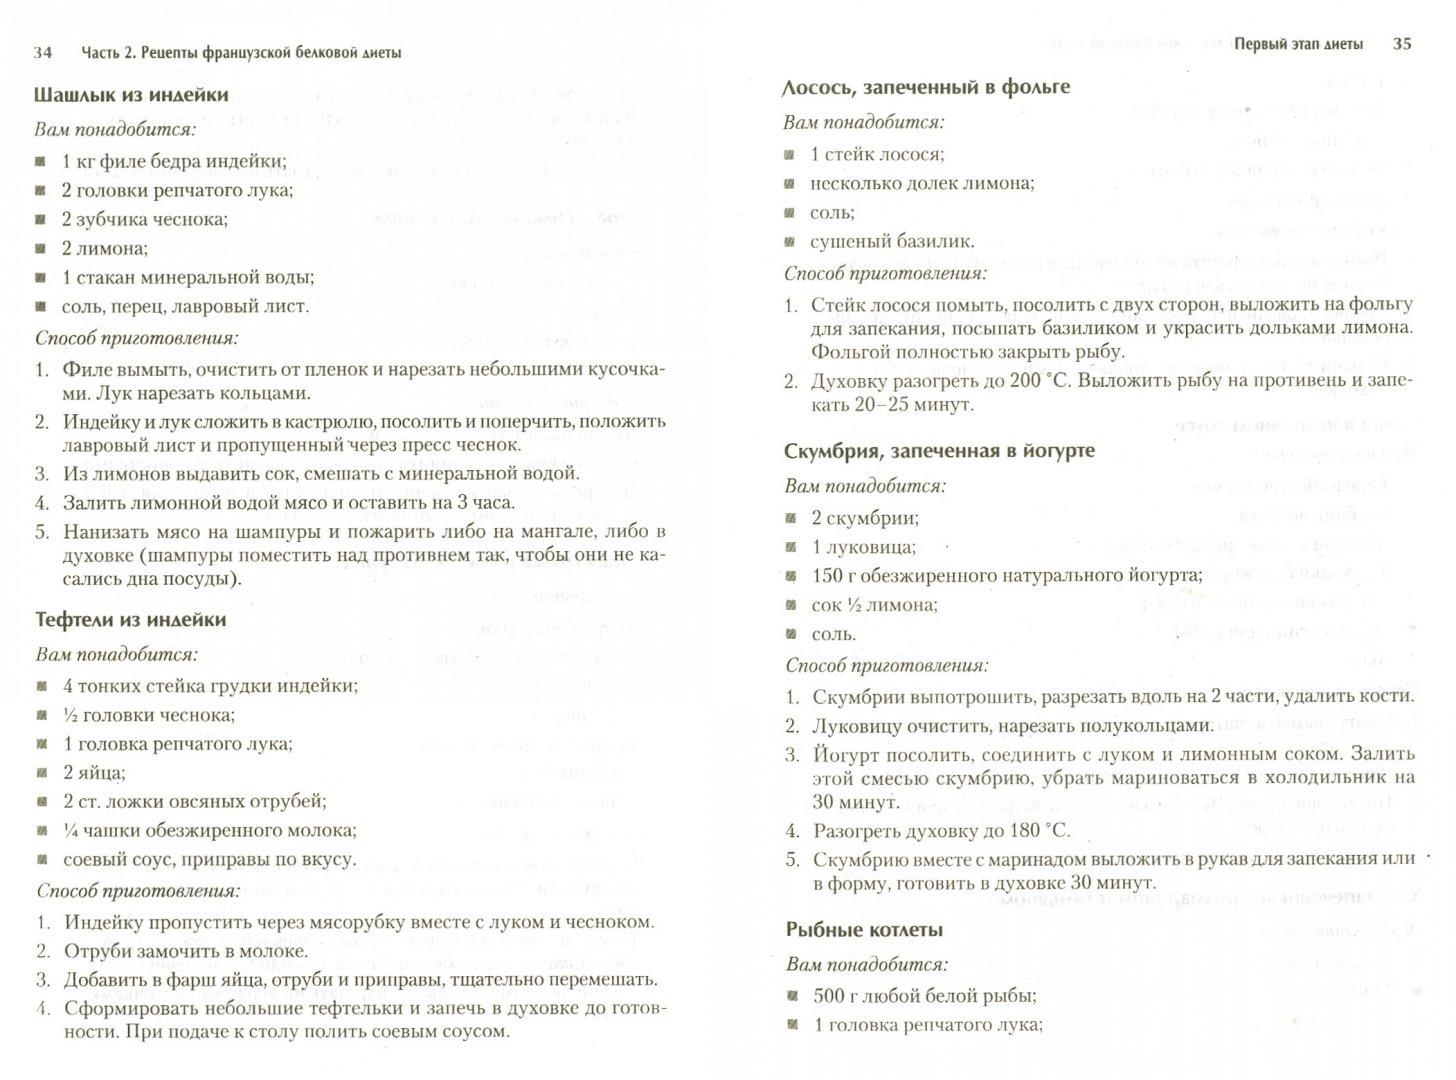 Иллюстрация 1 из 5 для Французская белковая диета - Любовь Невская | Лабиринт - книги. Источник: Лабиринт